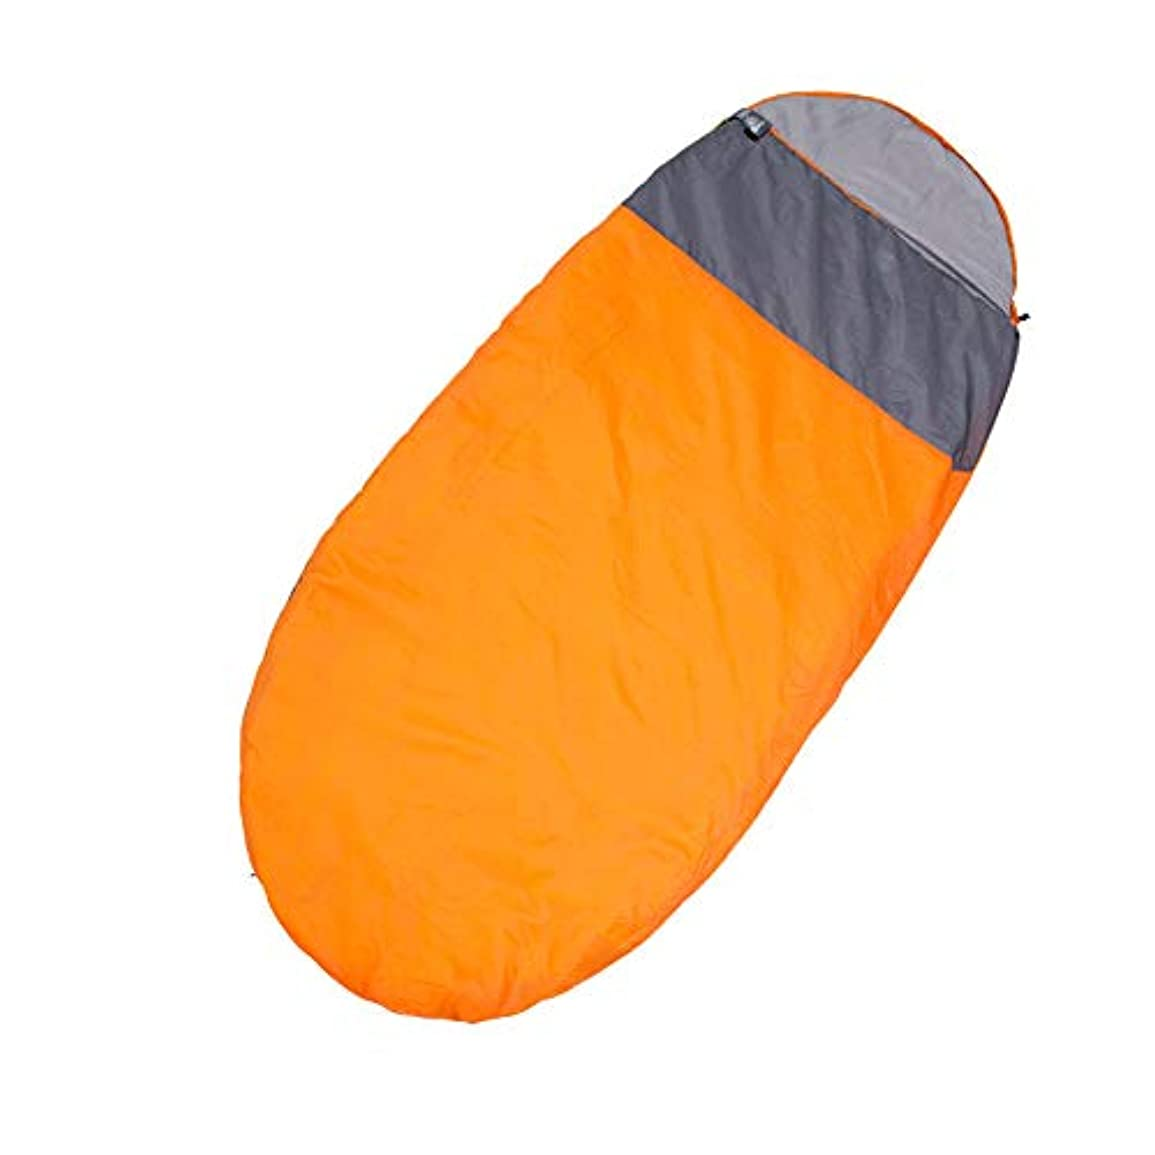 開梱つば有毒なミイラの寝袋の卵のタイプ、ポータブル、ウェットと換気、洗える、アウトドアハイキングキャンプ必須、大人に適して